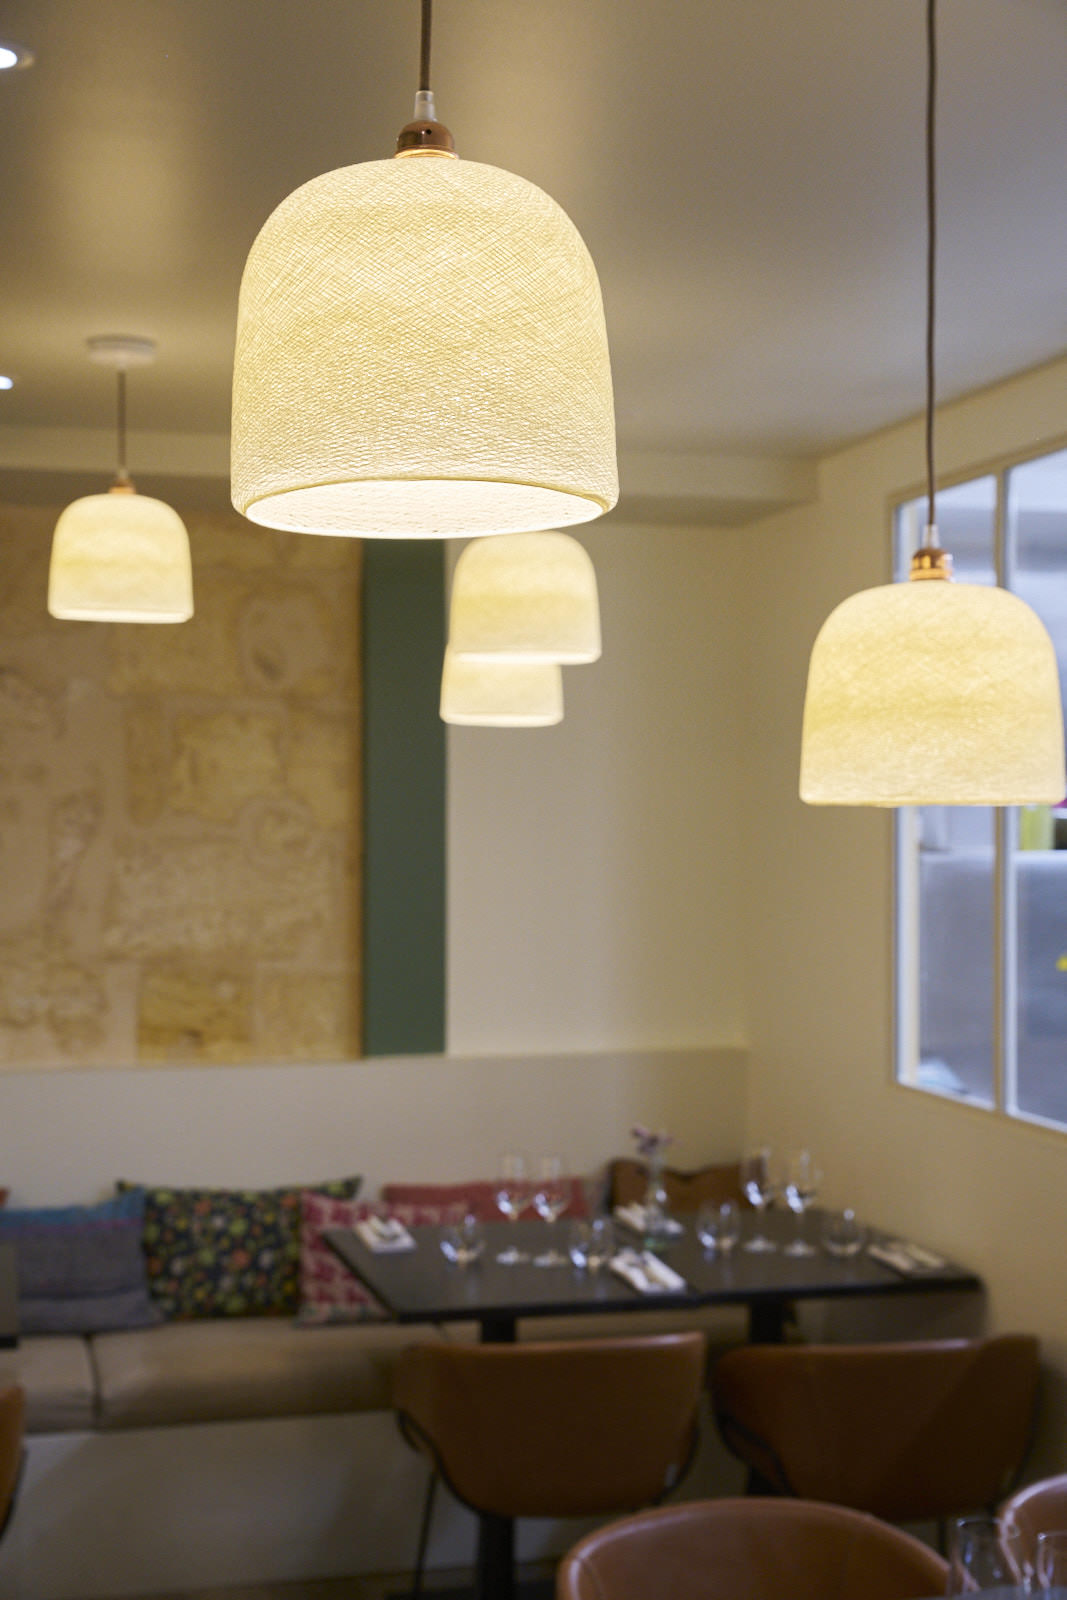 Restaurant gastronomique Bordeaux La luminaires création de claustra